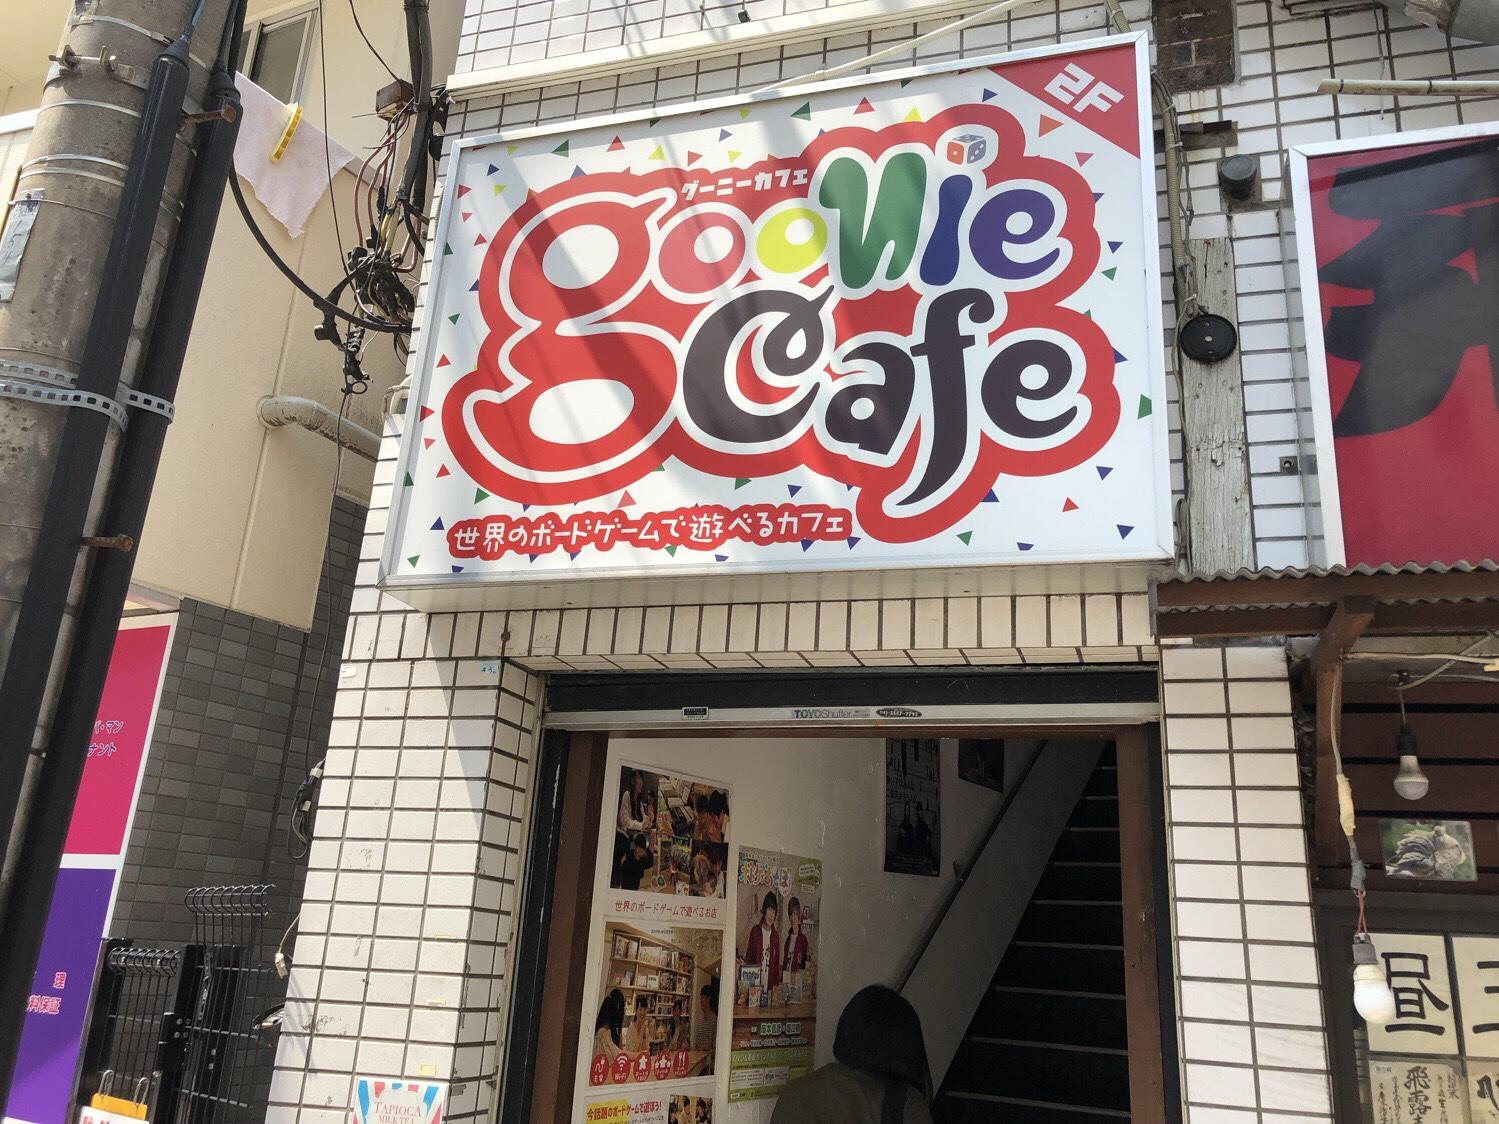 グーニーカフェの外観